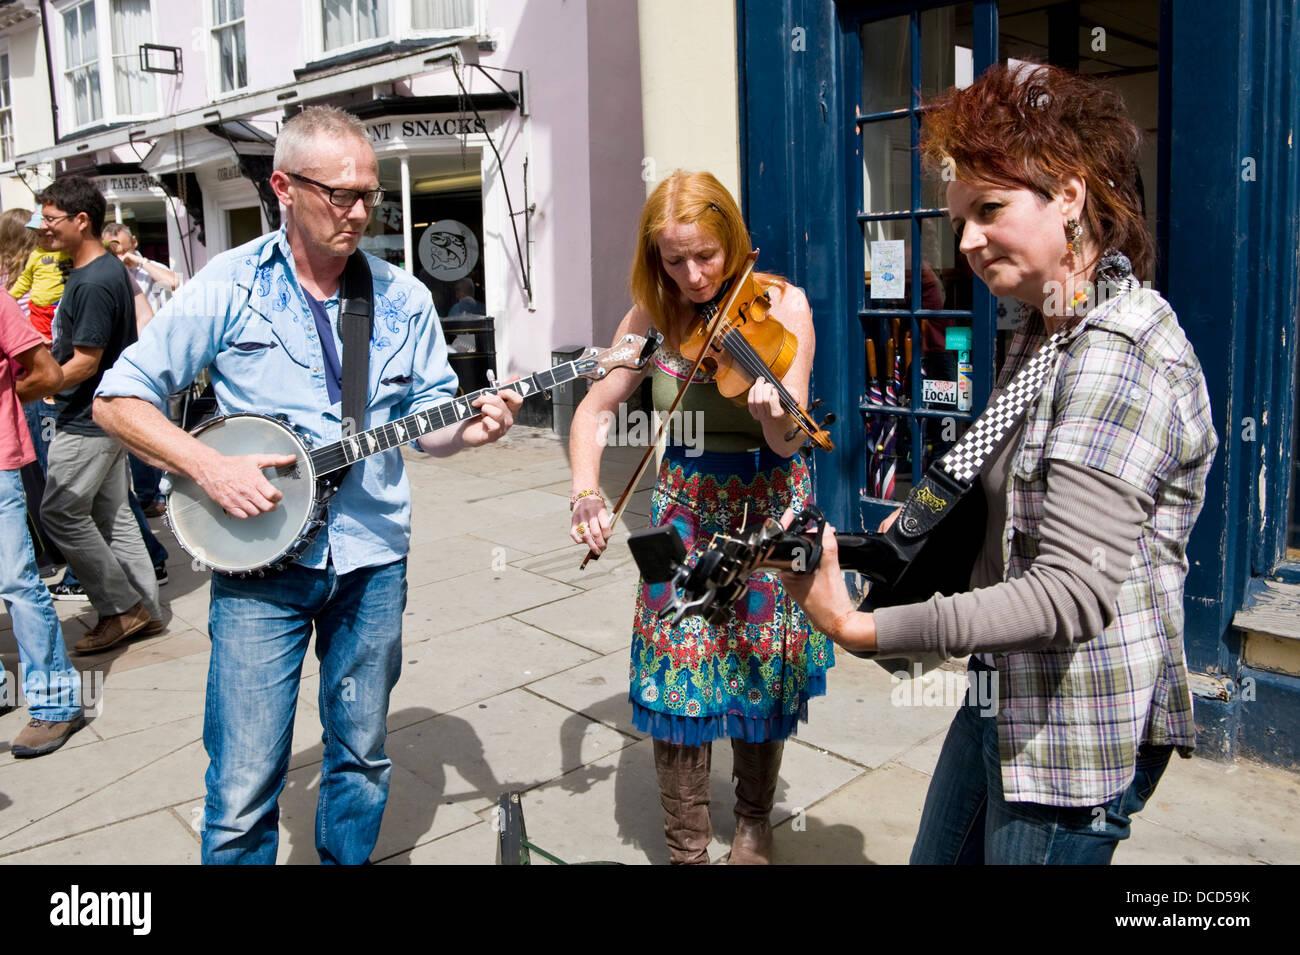 Acoustique Bluegrass band Hershel's Barn jouer dans la rue au cours de Brecon Jazz Festival 2013 Banque D'Images